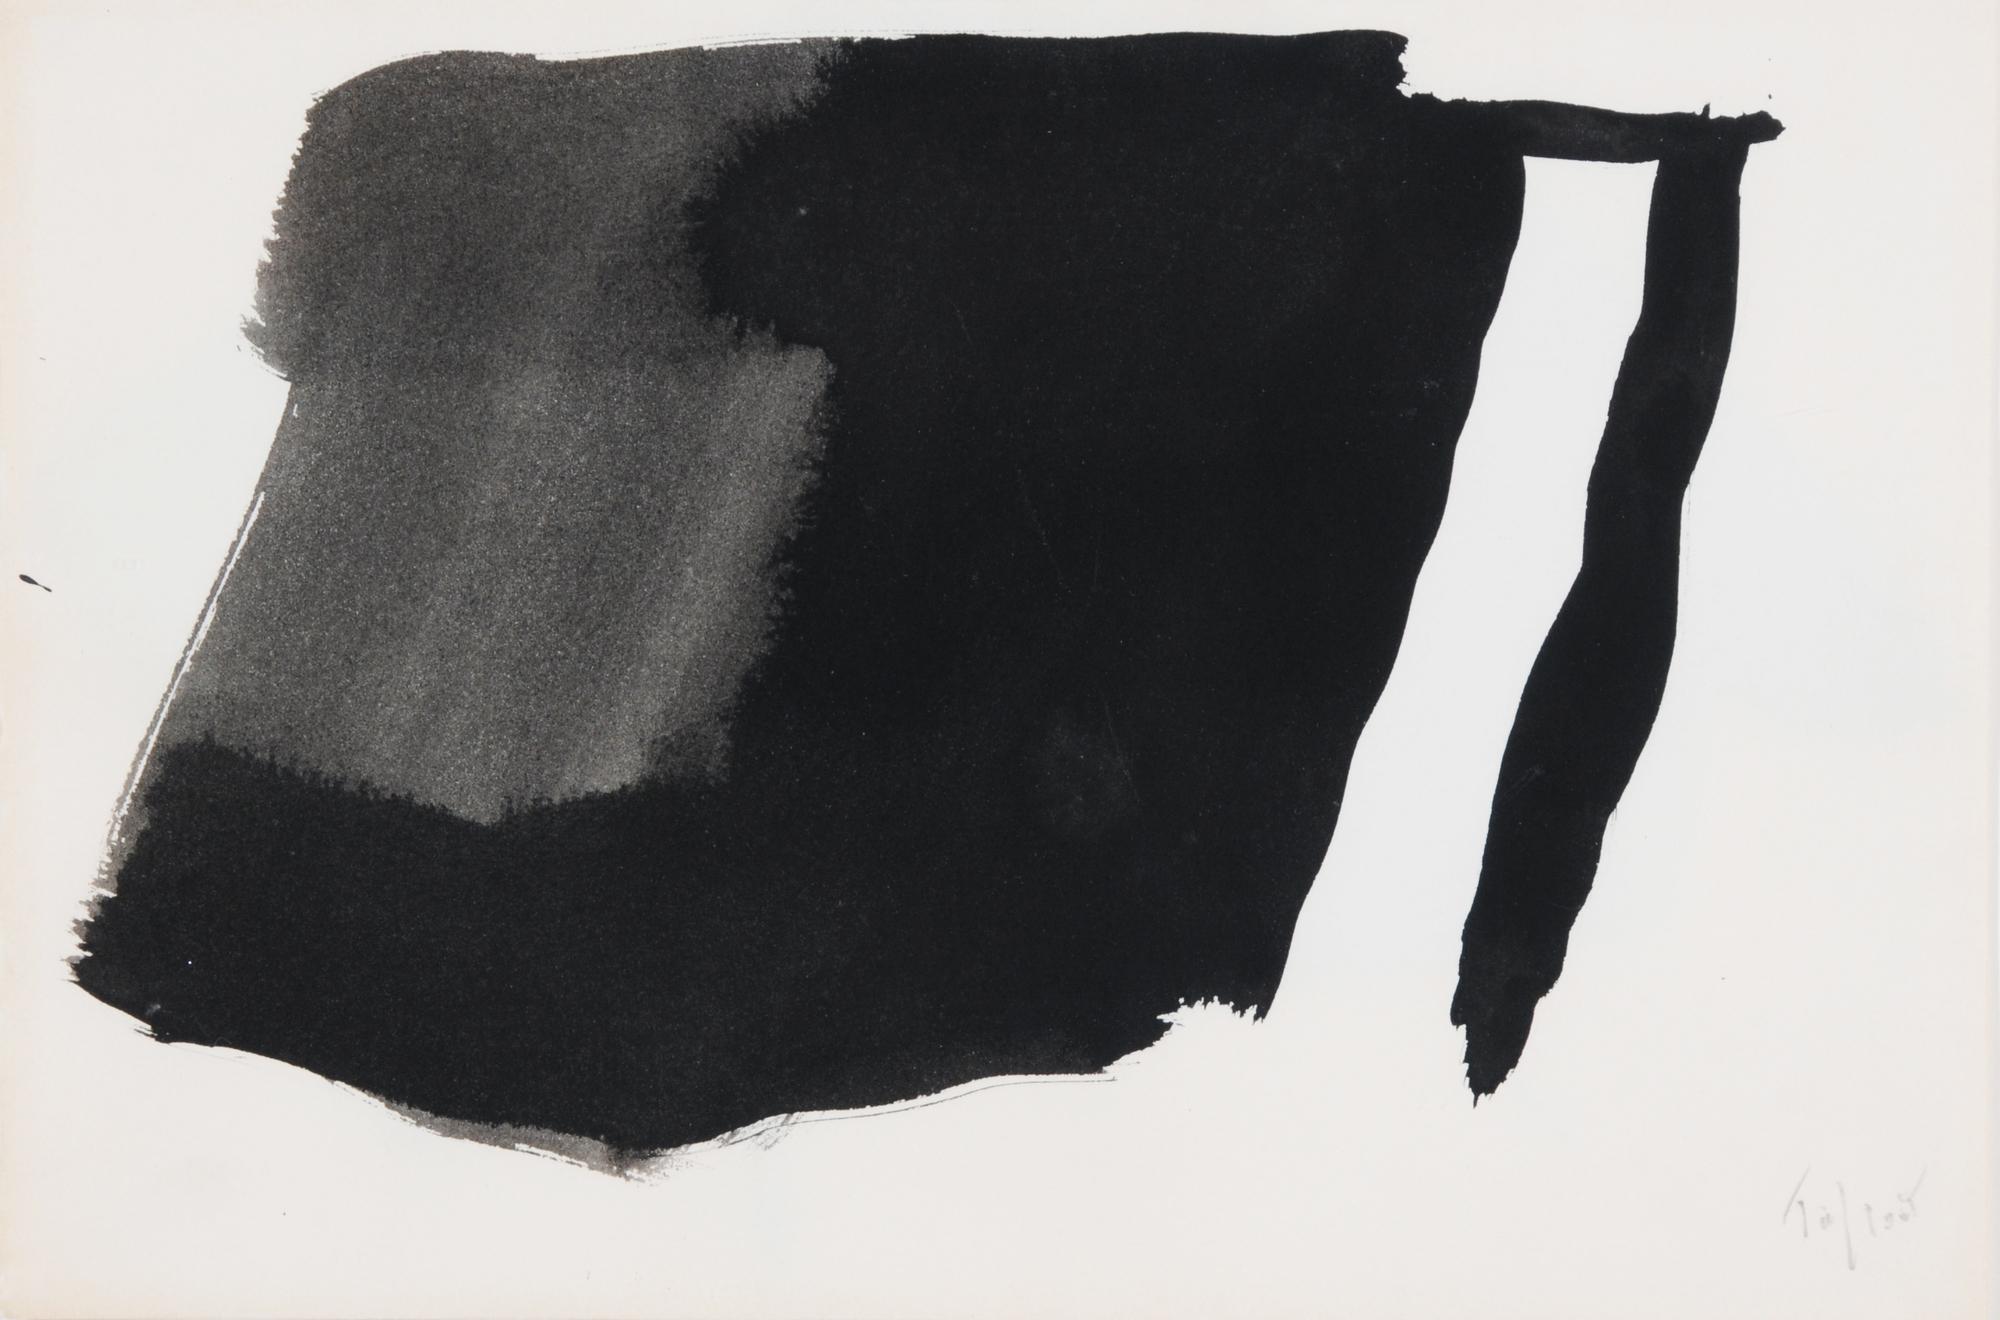 Tal Coat Pierre, Untitled